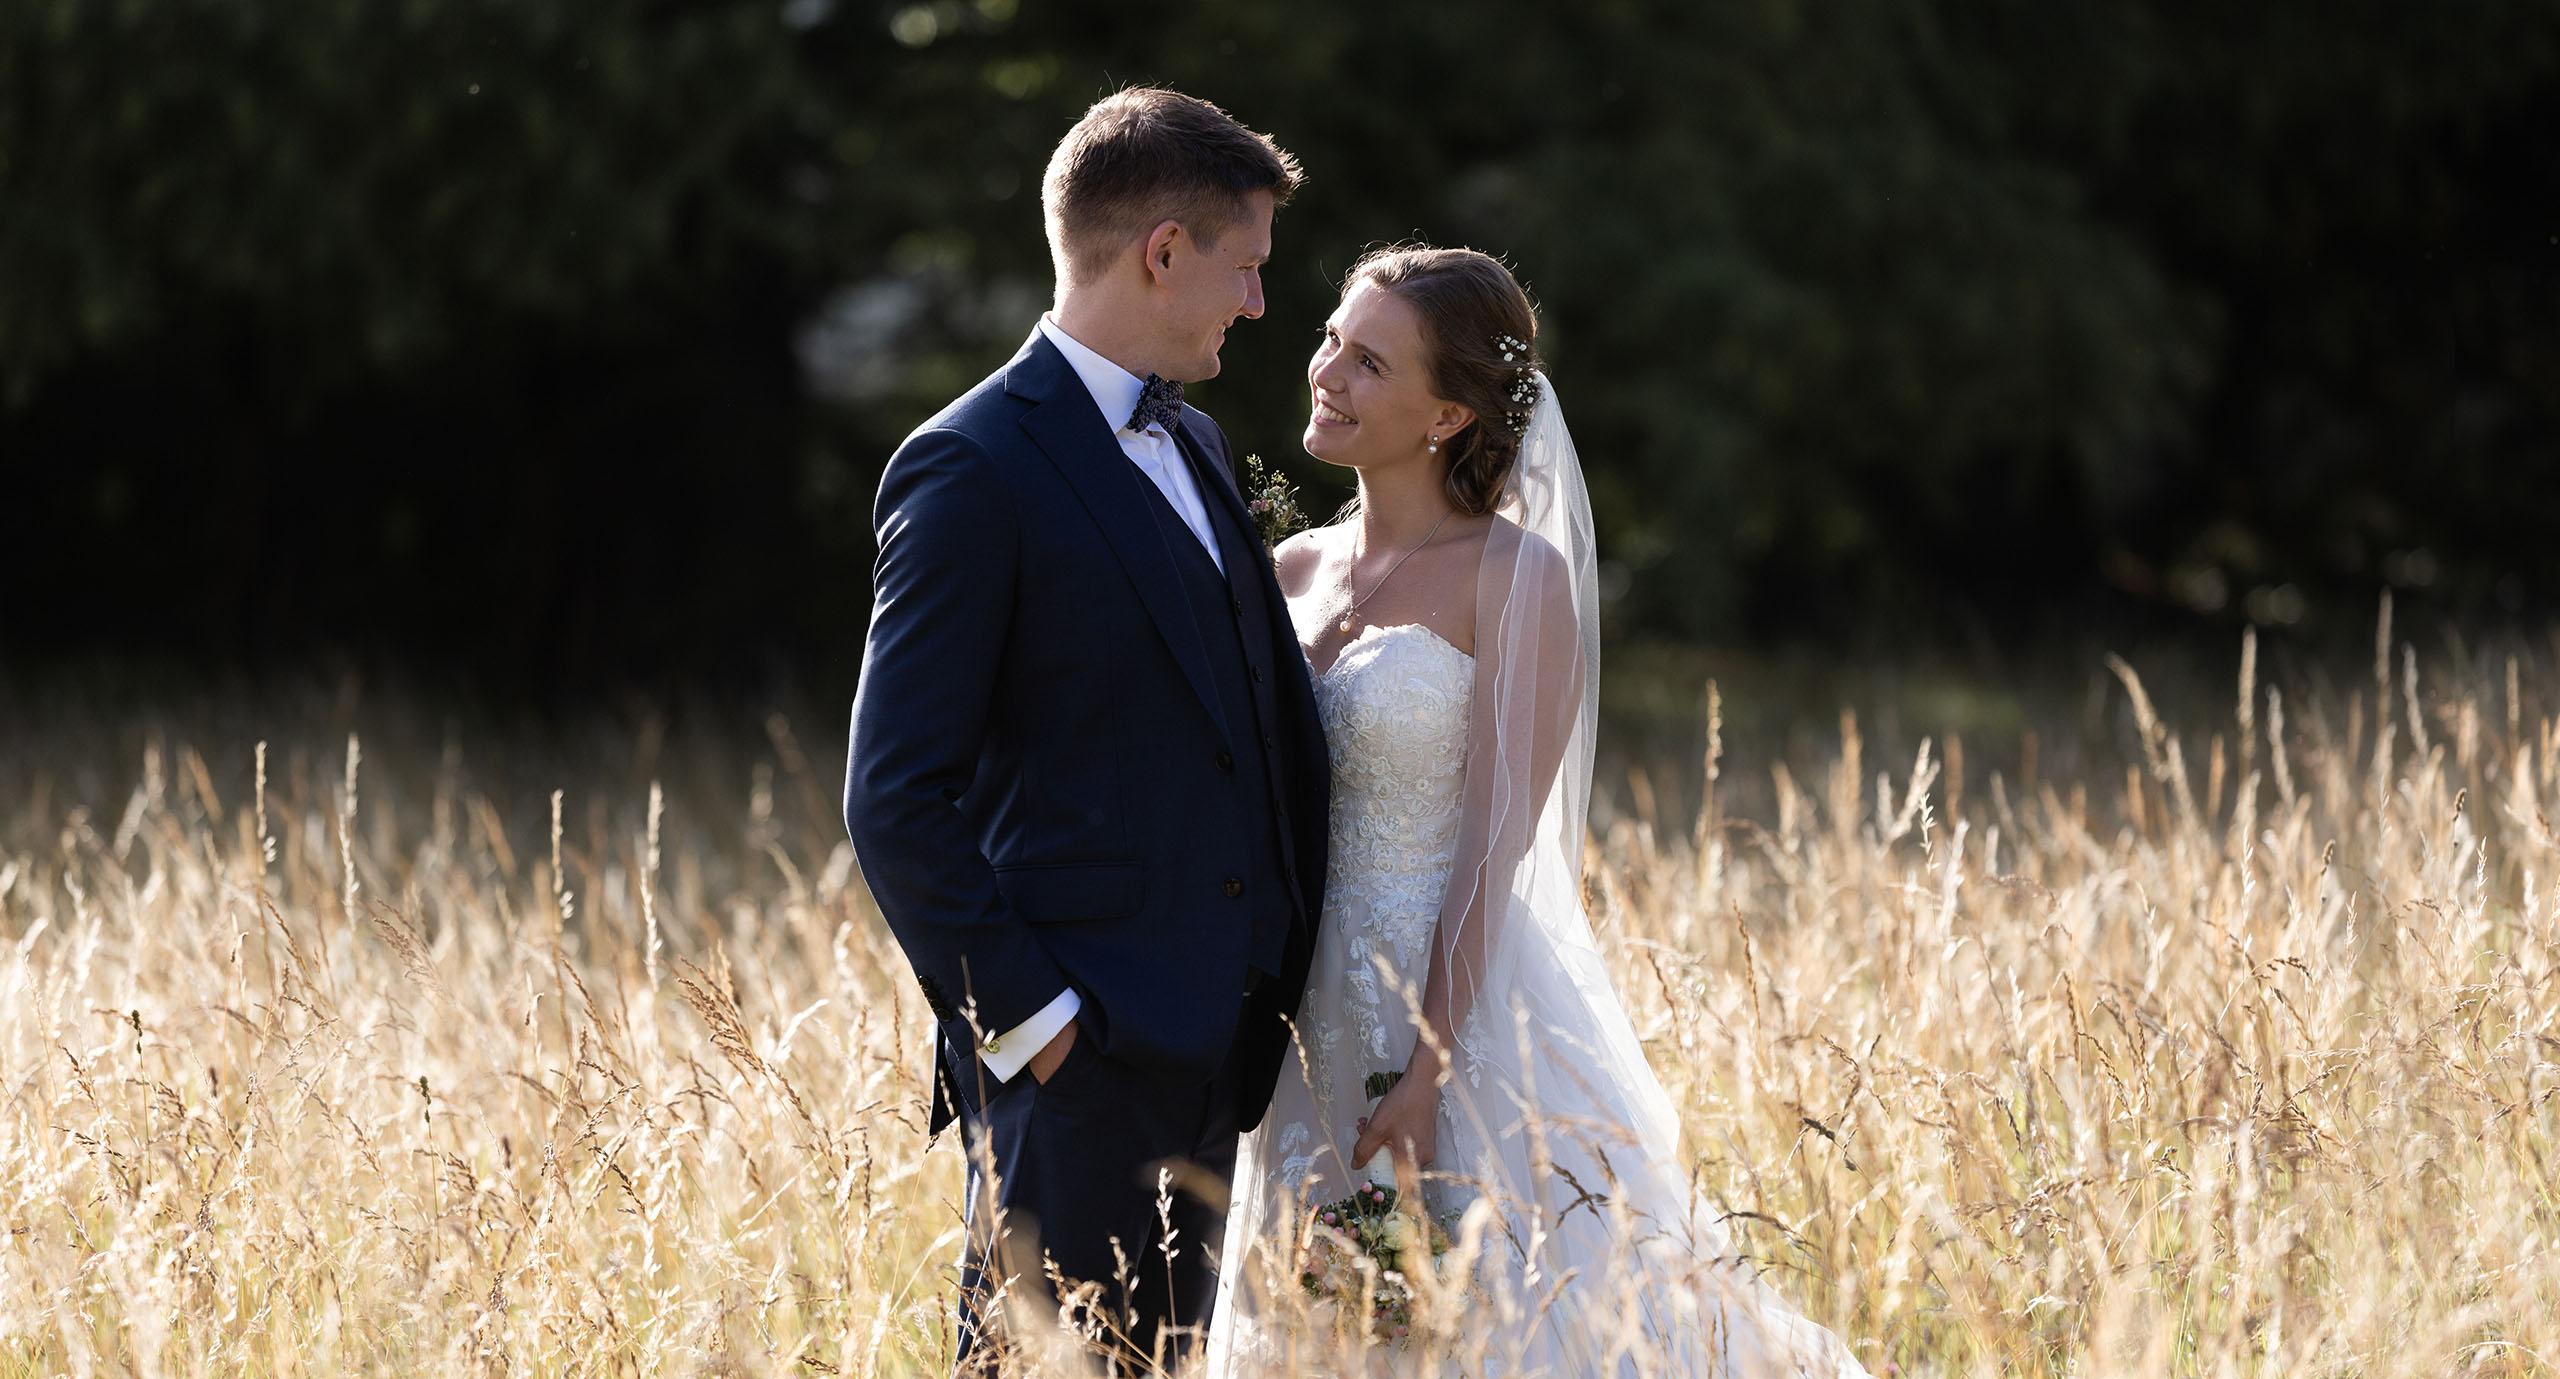 Hochzeitsfotografen Basel Schweiz - Brautpaar Fotoshooting in einem Kornfeld - Wenkenpark in Riehen